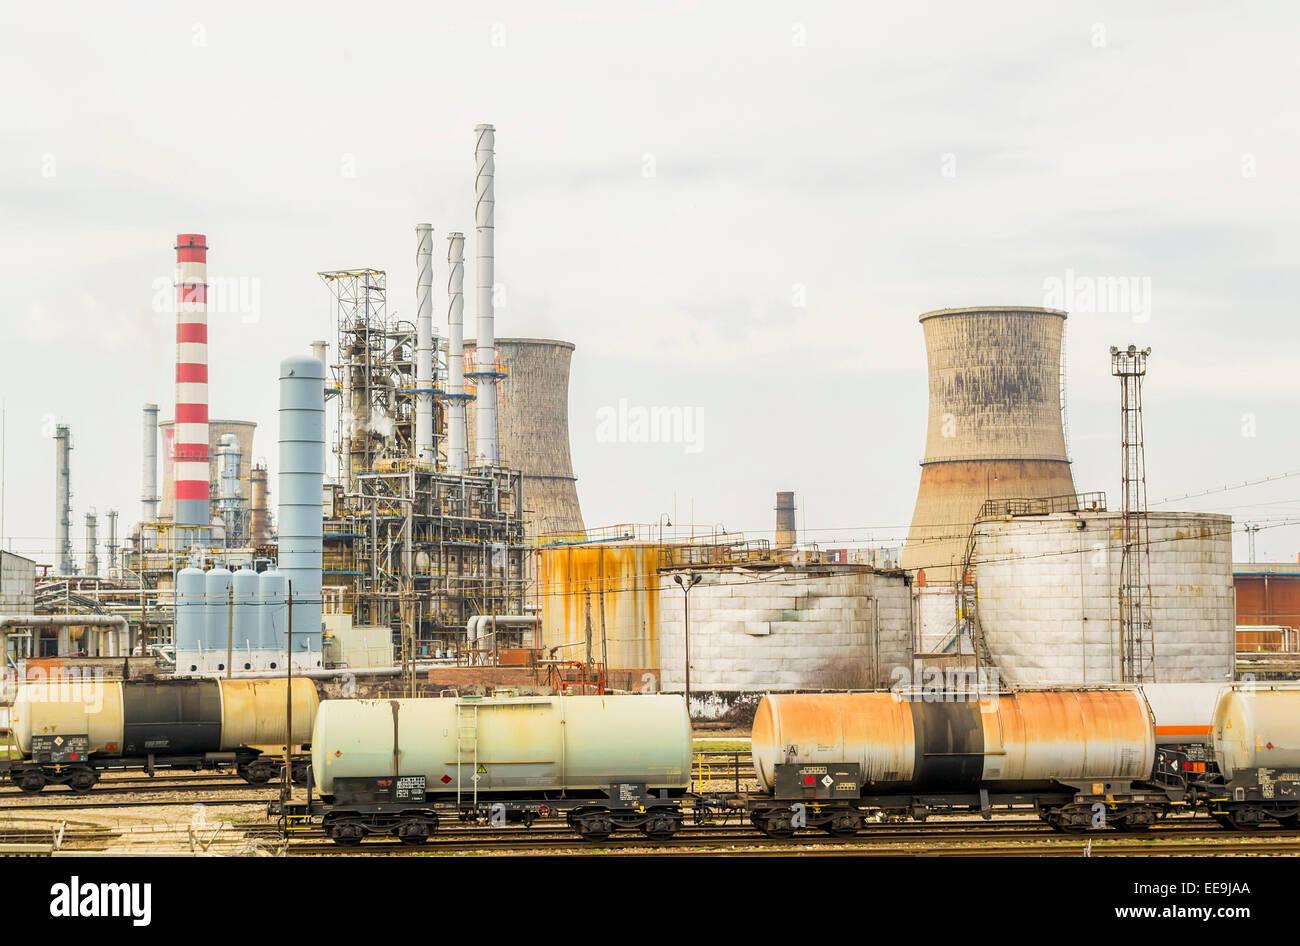 Les pétroliers chargés en carburant à une raffinerie de pétrole et de gaz Banque D'Images